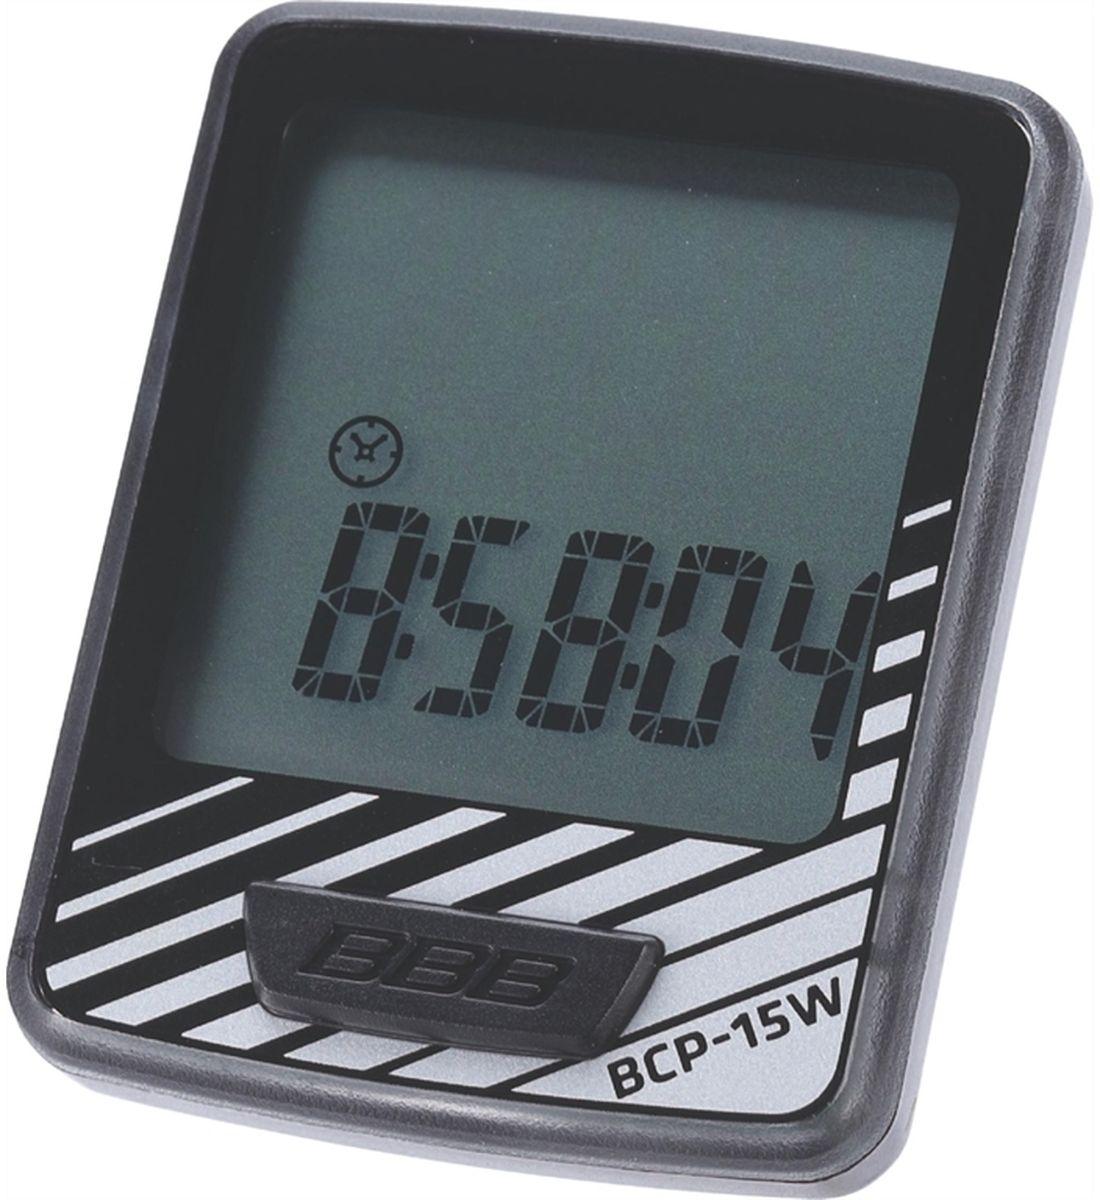 Велокомпьютер BBB DashBoard , 10 функций, цвет: черный, серебристыйBCP-15Wелокомпьютер DashBoard стал, в своем роде, образцом для подражания. Появившись в линейке в 2006 году как простой и небольшой велокомпьютер с большим и легкочитаемым экраном, он эволюционировал в любимый прибор велосипедистов, которым нужна простая в использовании вещь без тысячи лишних функций. Когда пришло время обновить DashBoard, мы поставили во главу угла именно простоту дизайна и использования, в то же время, выведя оба этих параметра на новый уровень. Общий размер велокомпьютера уменьшился за счет верхней части корпуса. Но сам размер экрана остался без изменений - 32 на 32мм, позволяющие легко считывать информацию. Управление одной кнопкой также было сохранено в новой версии. Упрощение конструкции осзначает также меньшее количество швов и лучшую влагозащиту. Так что, DashBoard стал лучше, но остался тем же самым верным другом и помочником, что и был. Беспроводной компьютер с 10 функциями: Текущая скорость Расстояние поездки Одометр...